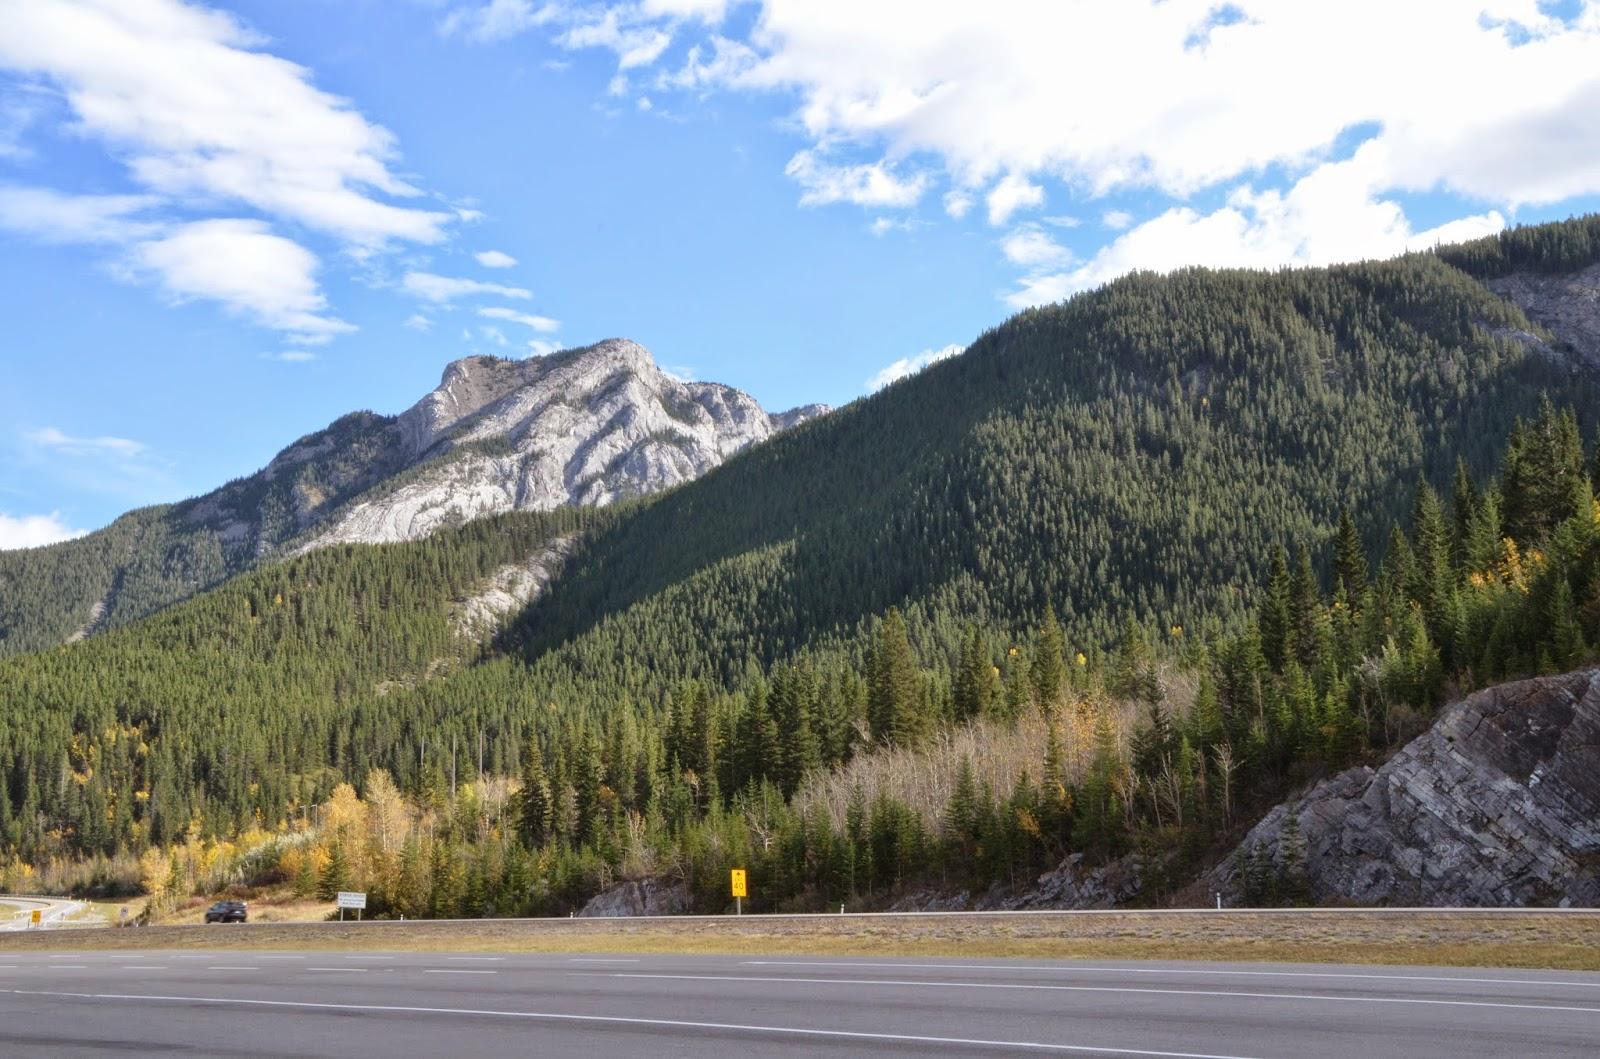 Estrada de Calgary até Banff, Canadá